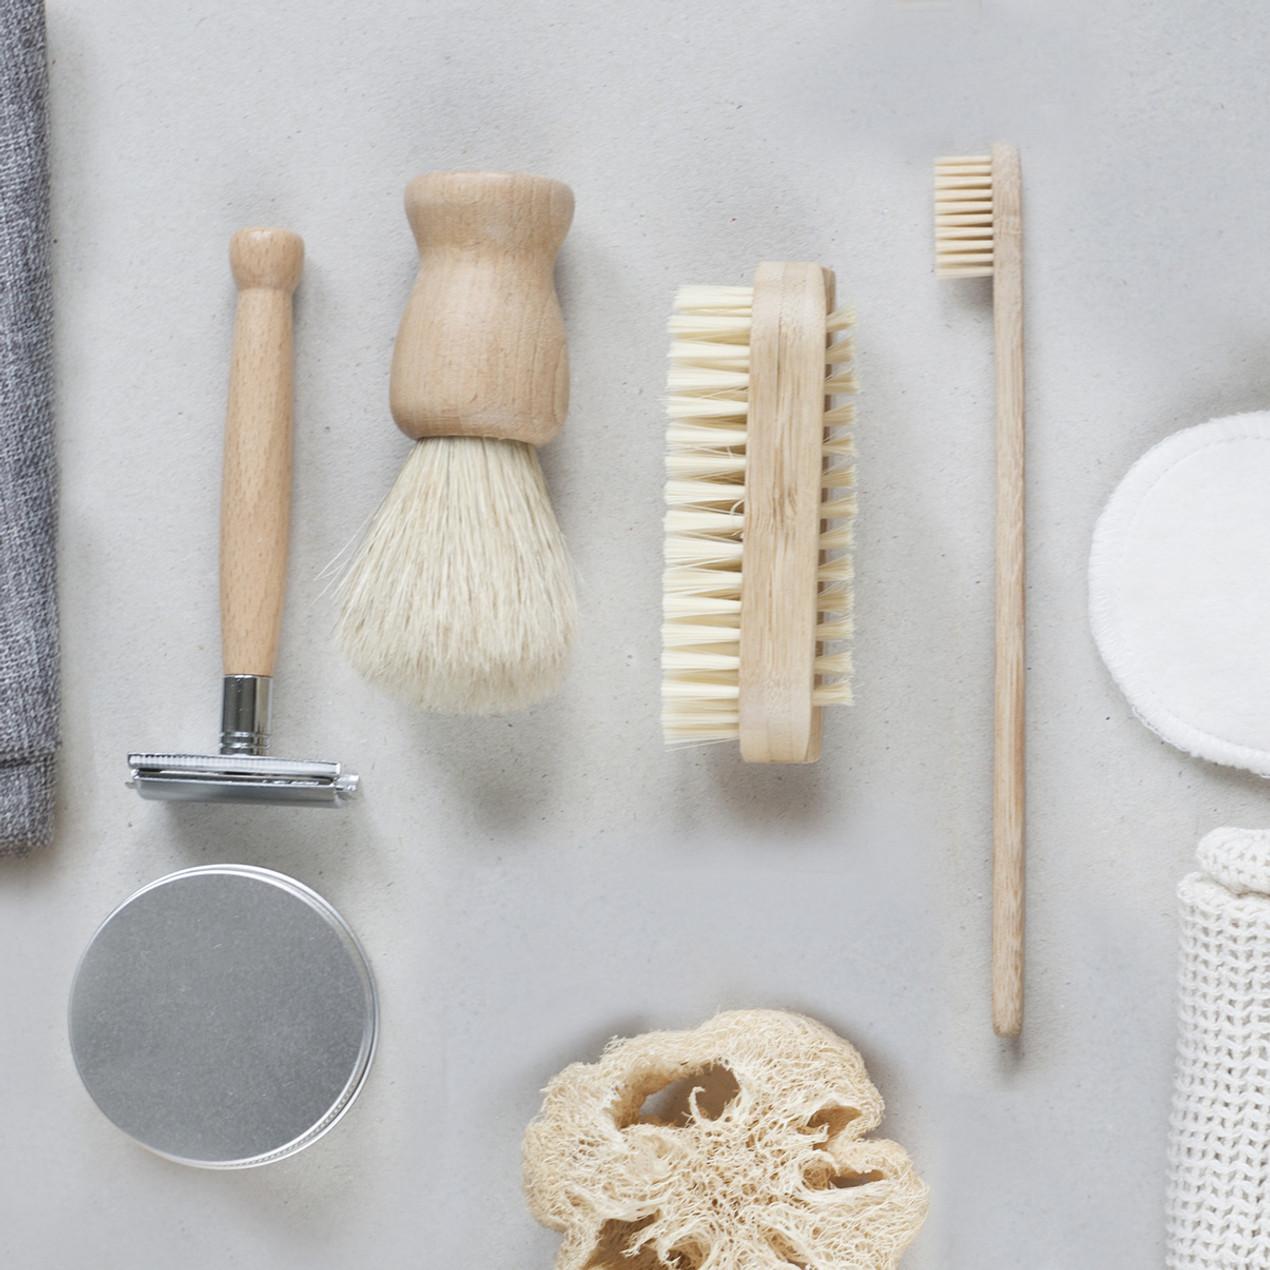 Implementos de aceo sostenibles. Cepillo de dientes, brocha de afeitar, maquina de afeitar y cepillo sostenibles, madera en el baño